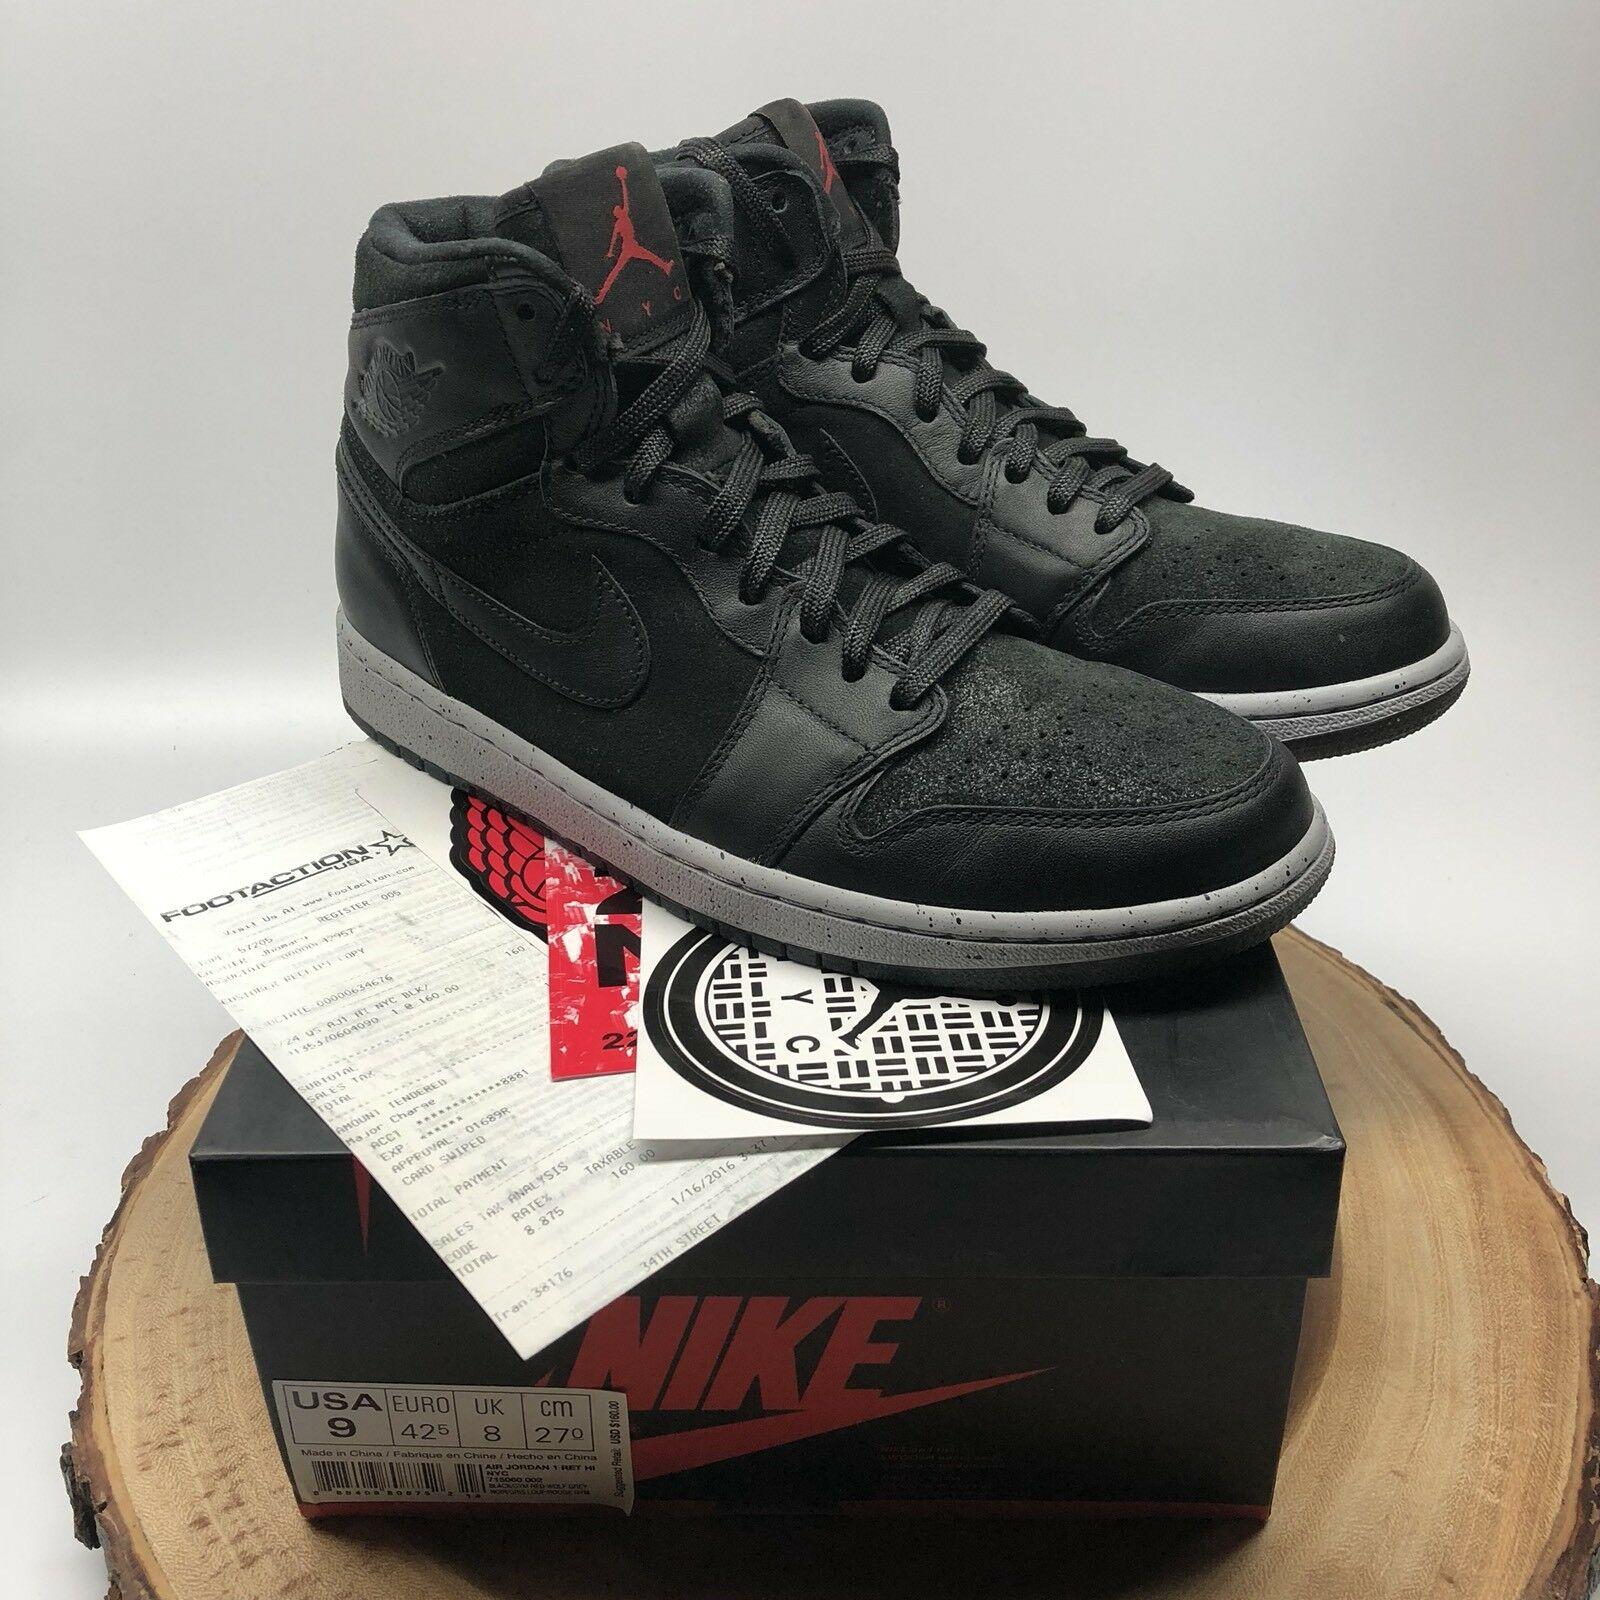 Nike Air Jordan Retro I NYC 23NY Black Oreo 715060 002 Size 9 PSNY XI VI V IV I